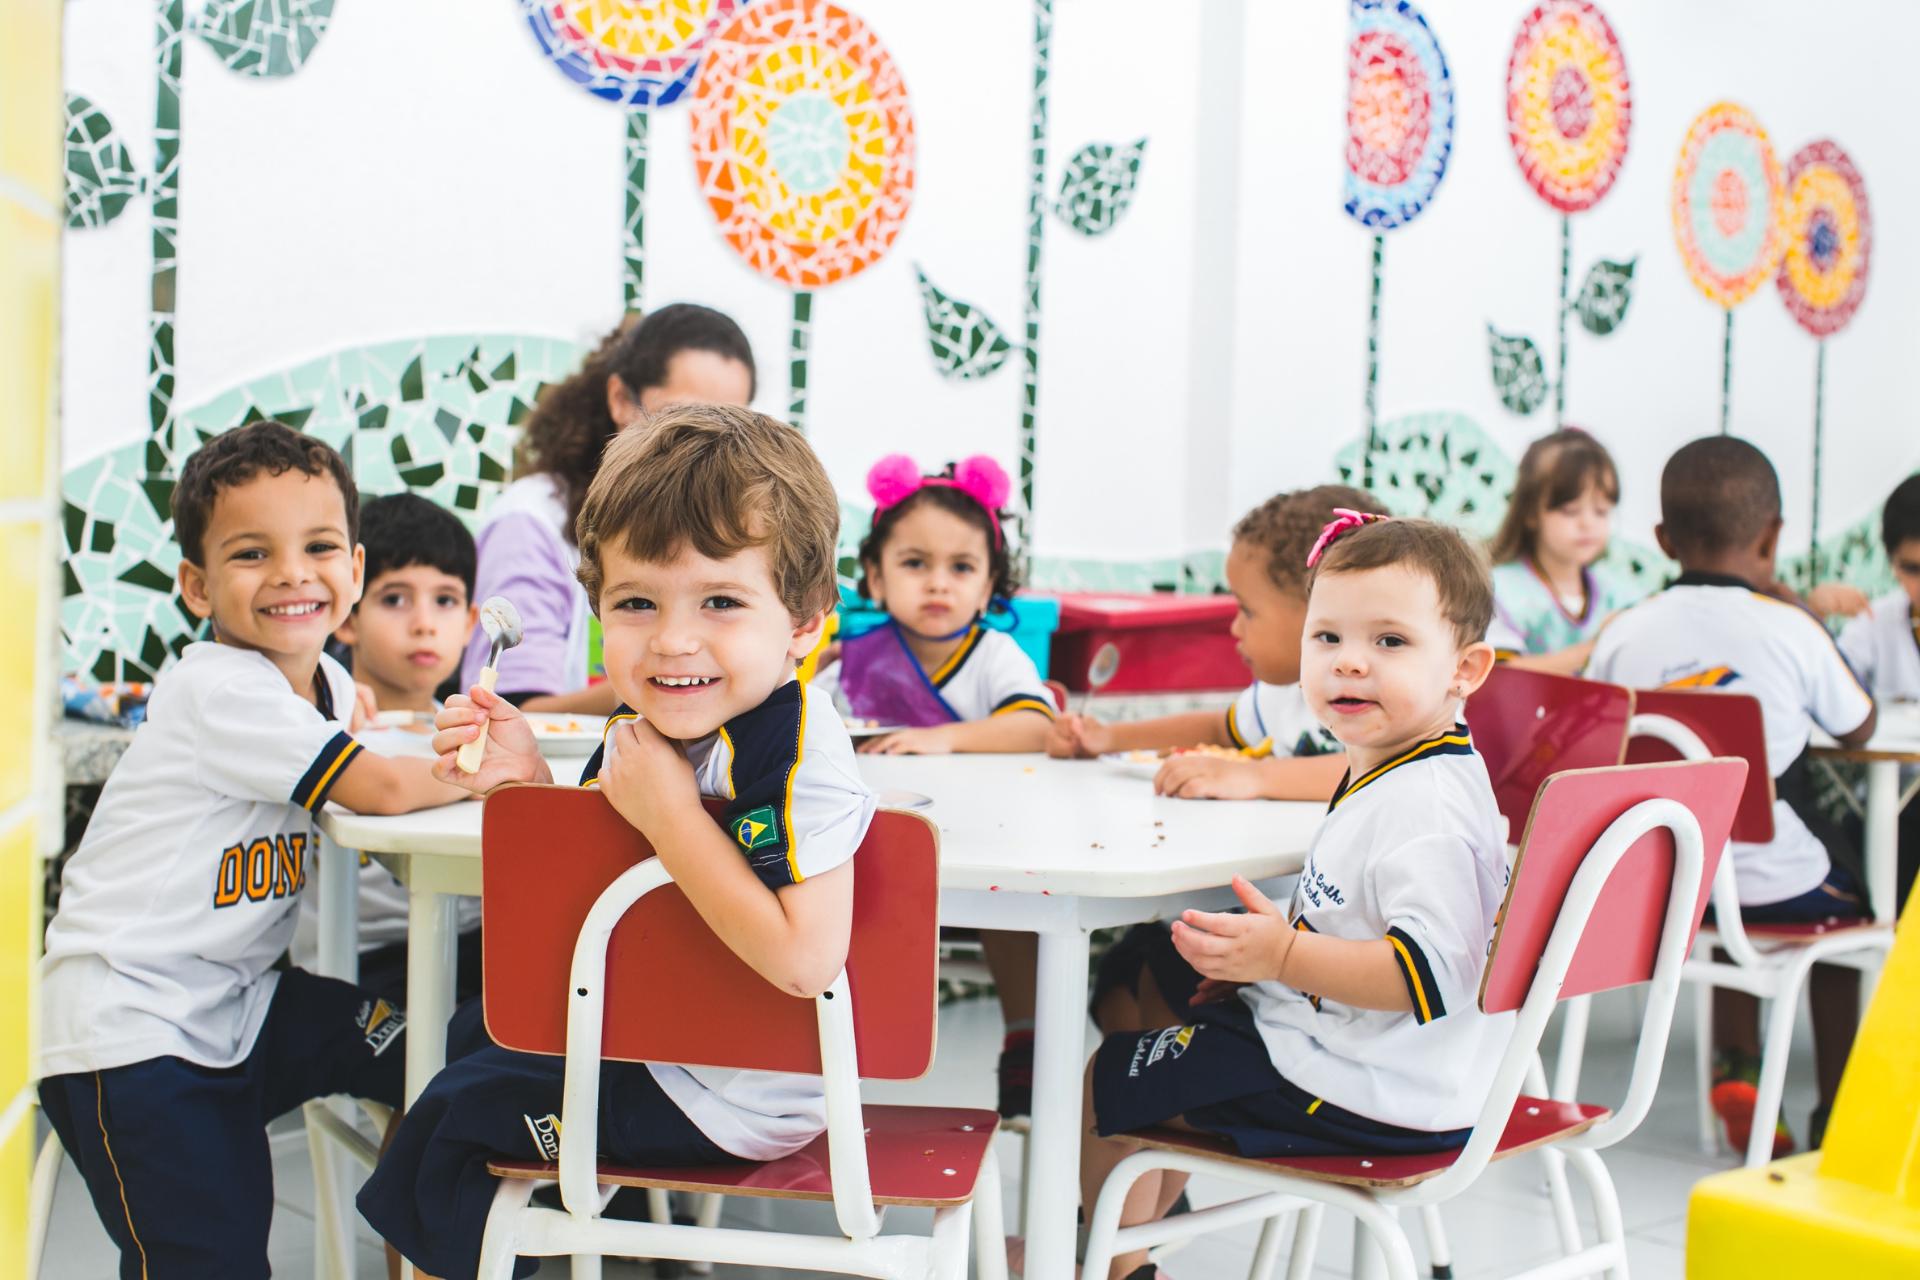 Culinária na escola oferece diversão e aprendizado